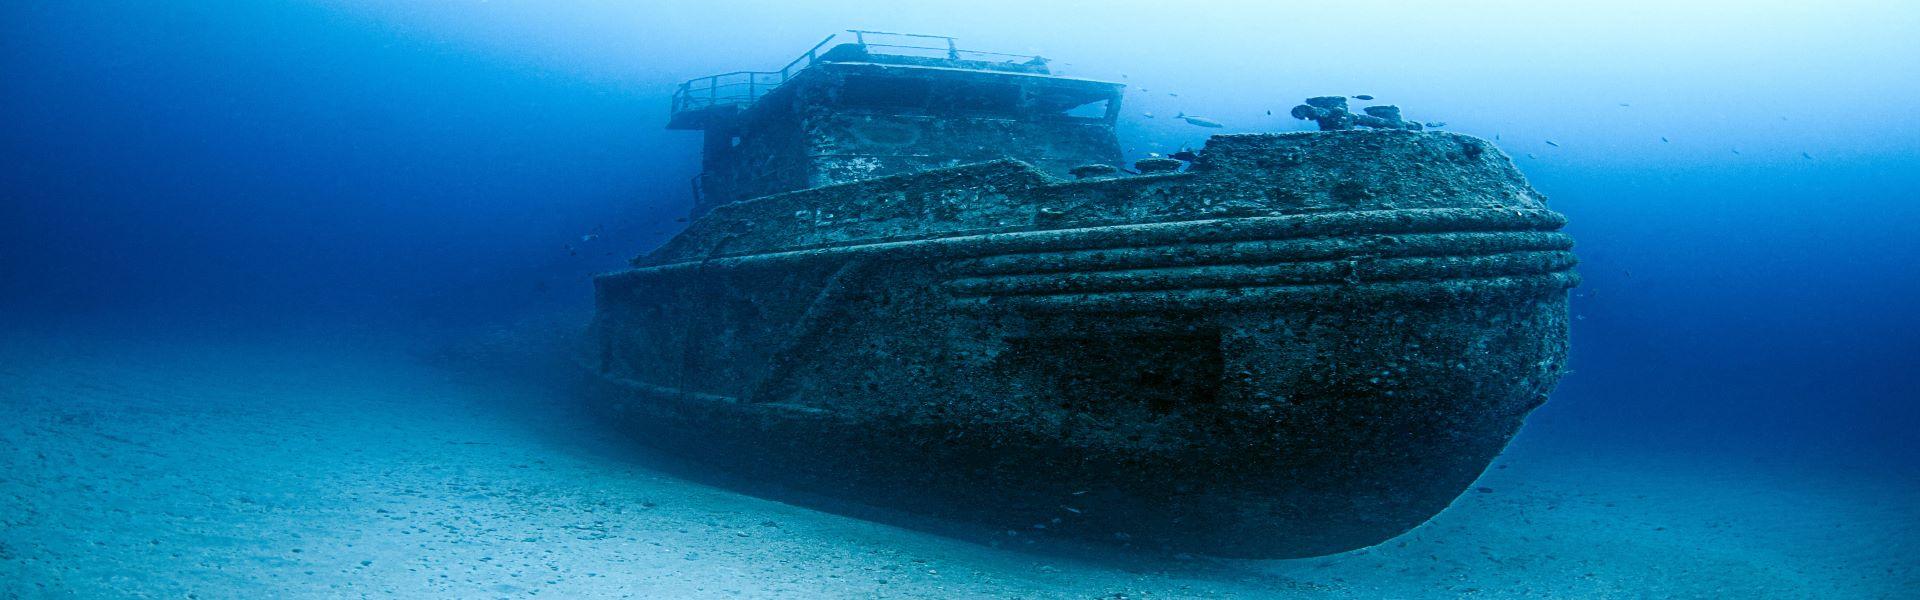 Vis island Croatia mysteries